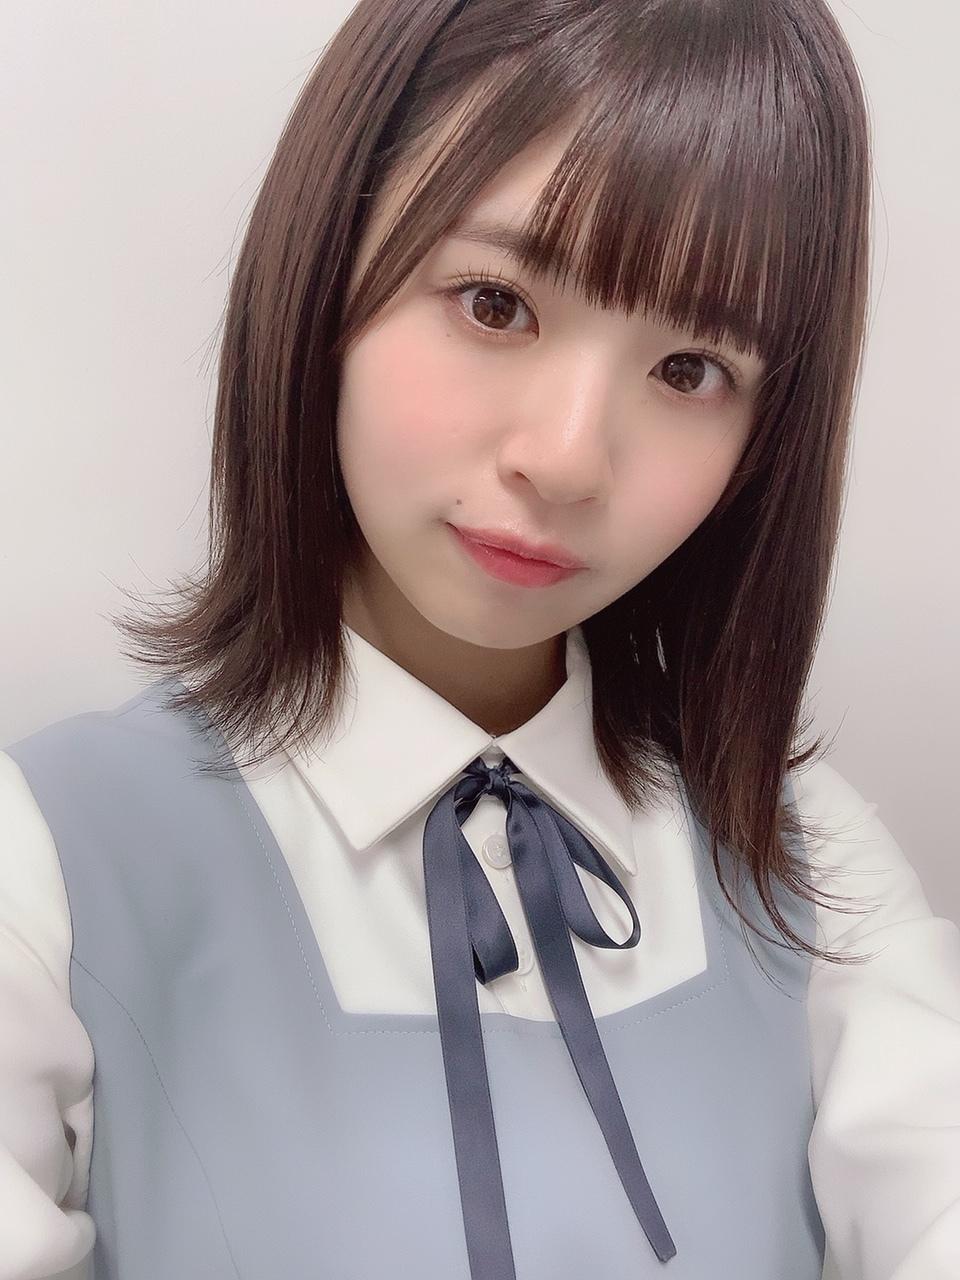 日向坂46メンバーブログまとめ2019年11月28日